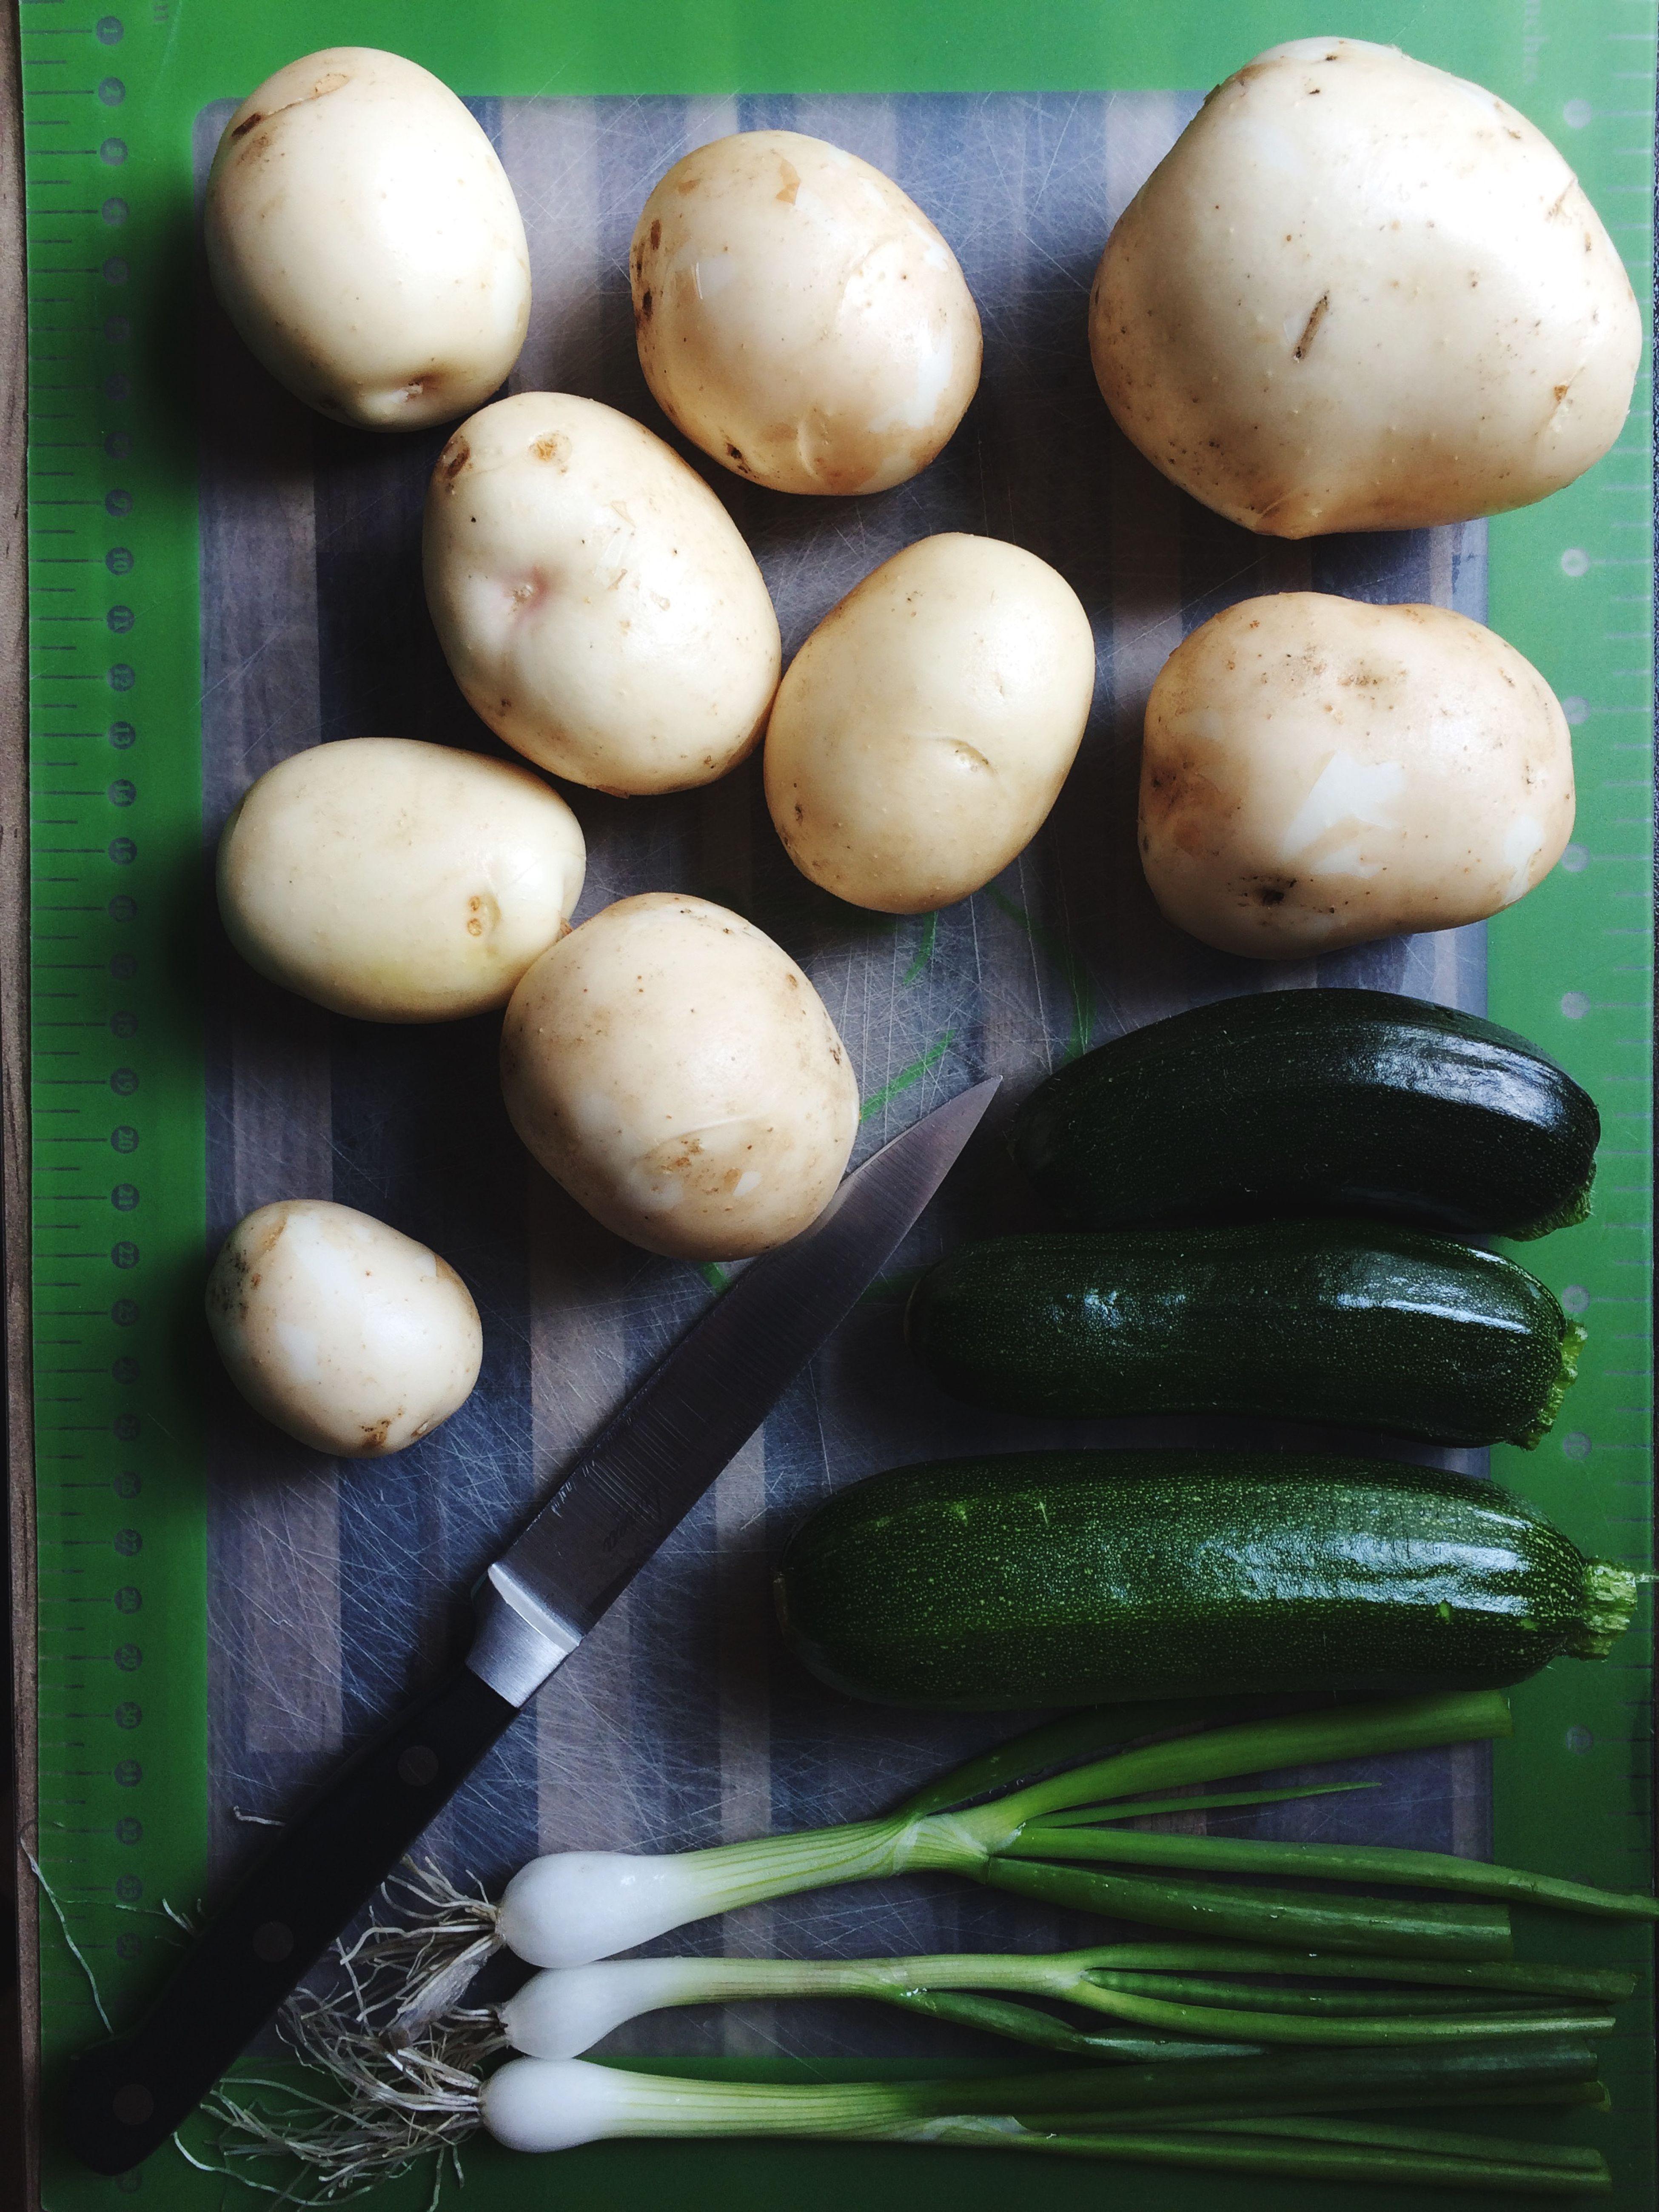 More fresh veg from the garden.